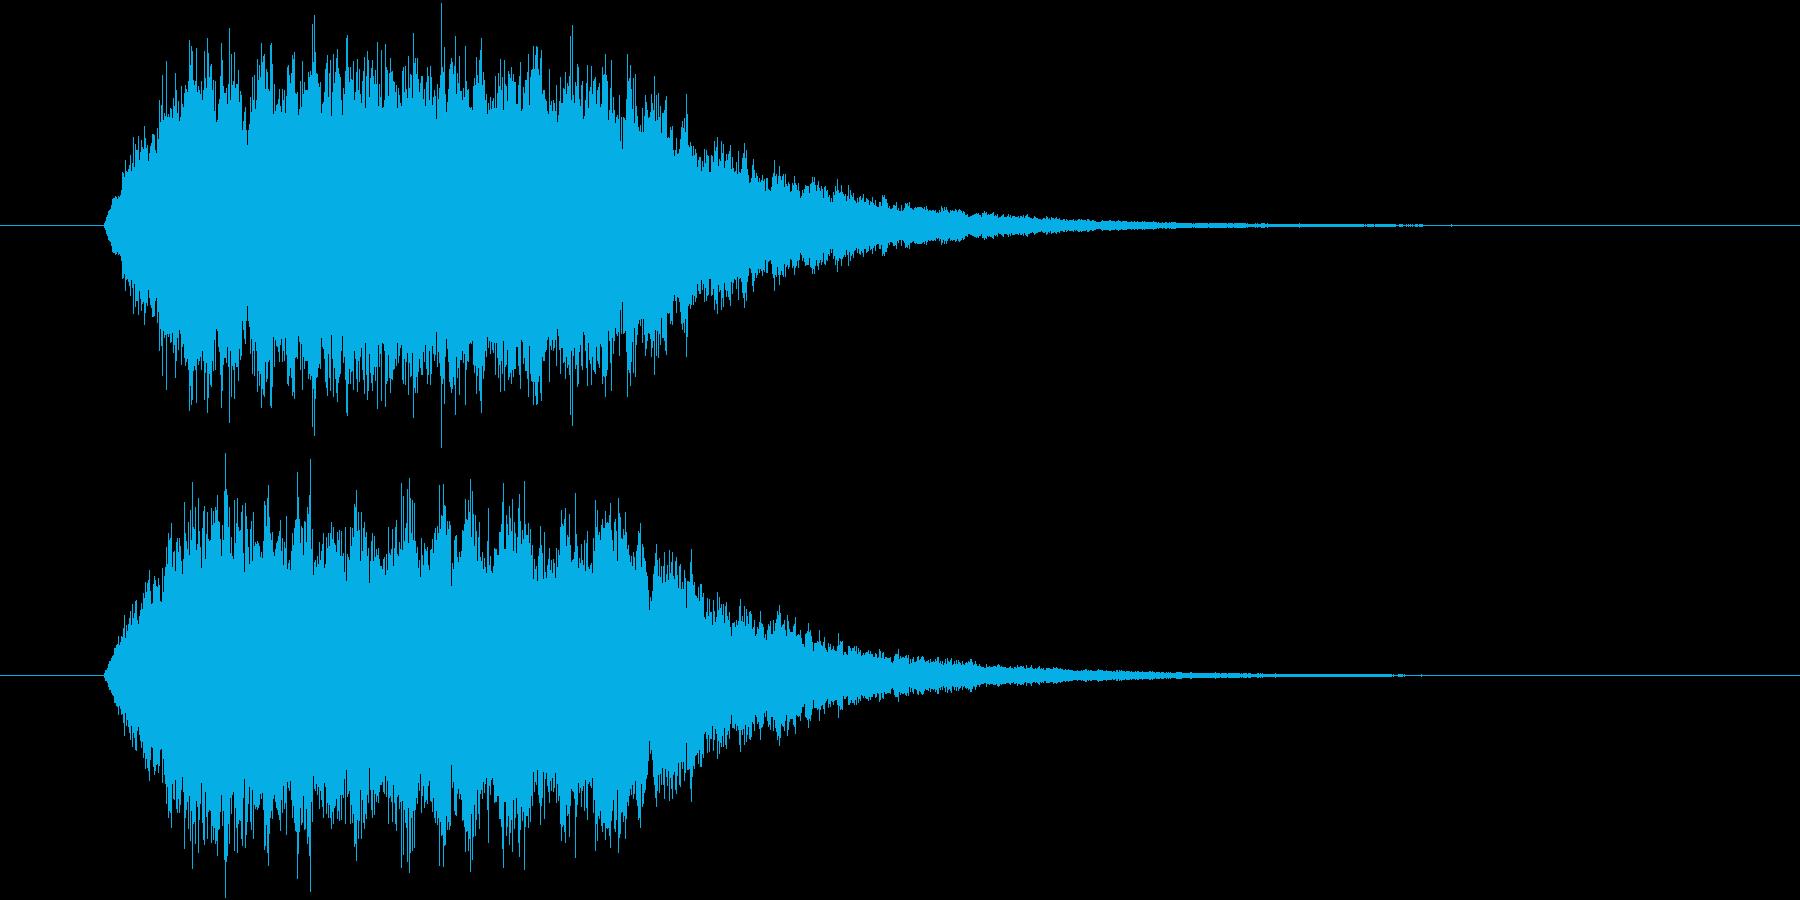 ワープ・光属性魔法の効果音(キーン)の再生済みの波形